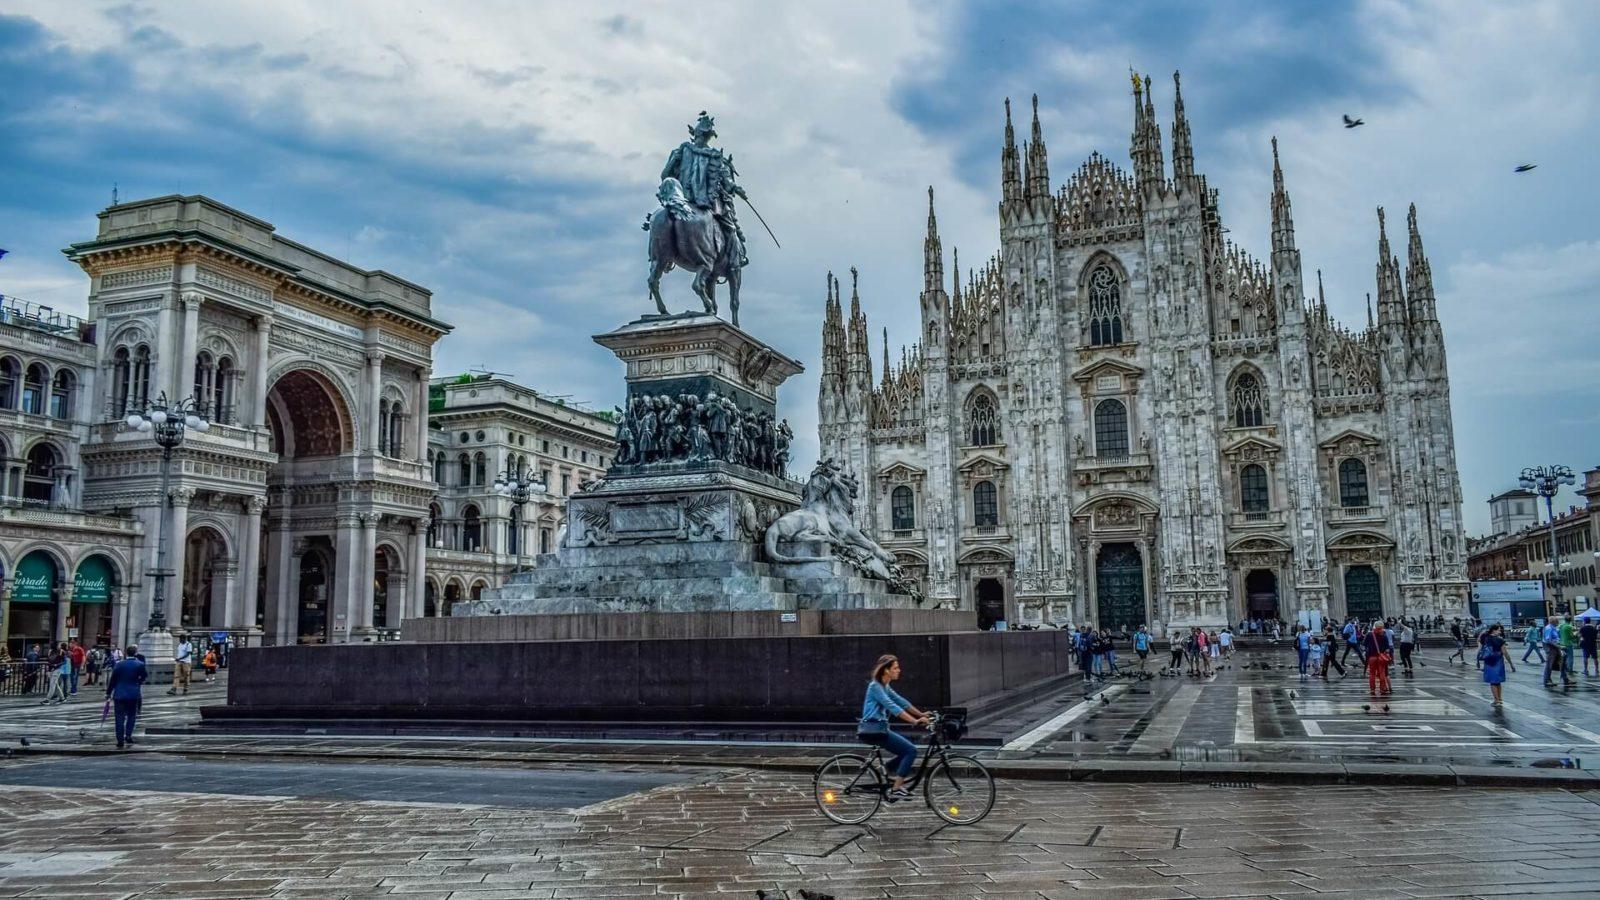 Milano, piazza Duomo (photo by Dimitris Vetsikas)